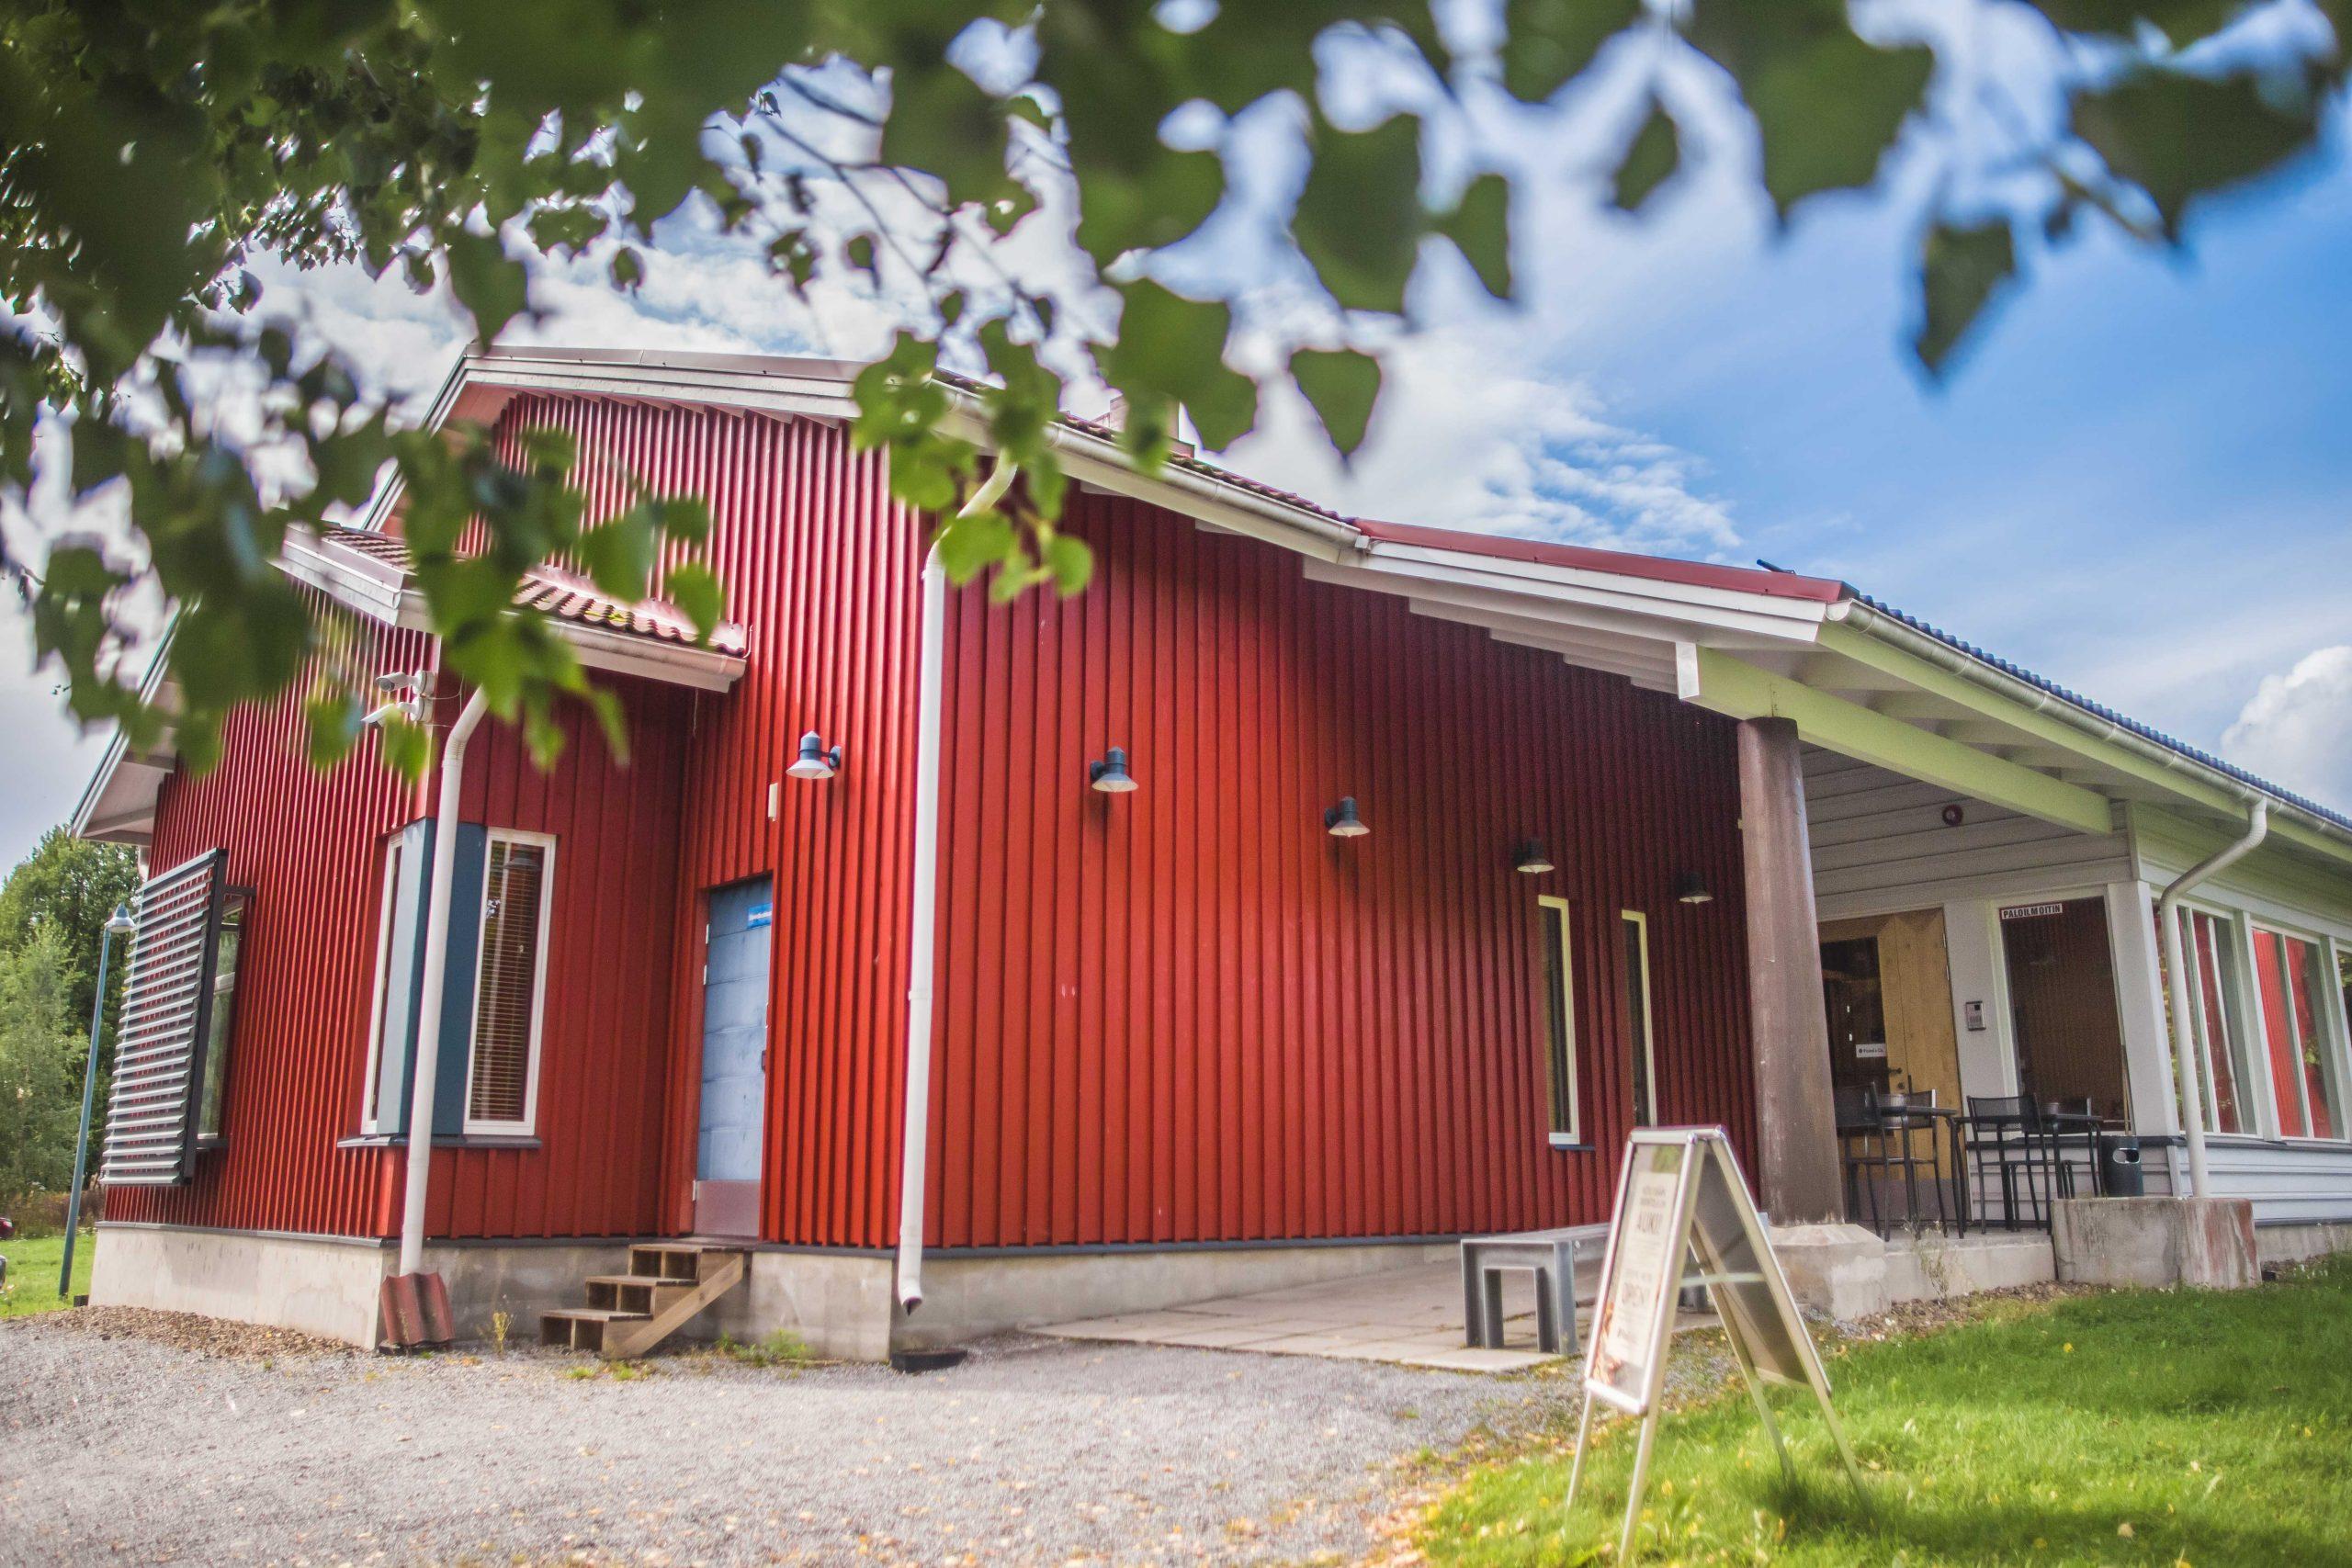 Nokian Kartanon Talliravintola on punainen vanhaan miljööseen sopiva puurakennus.